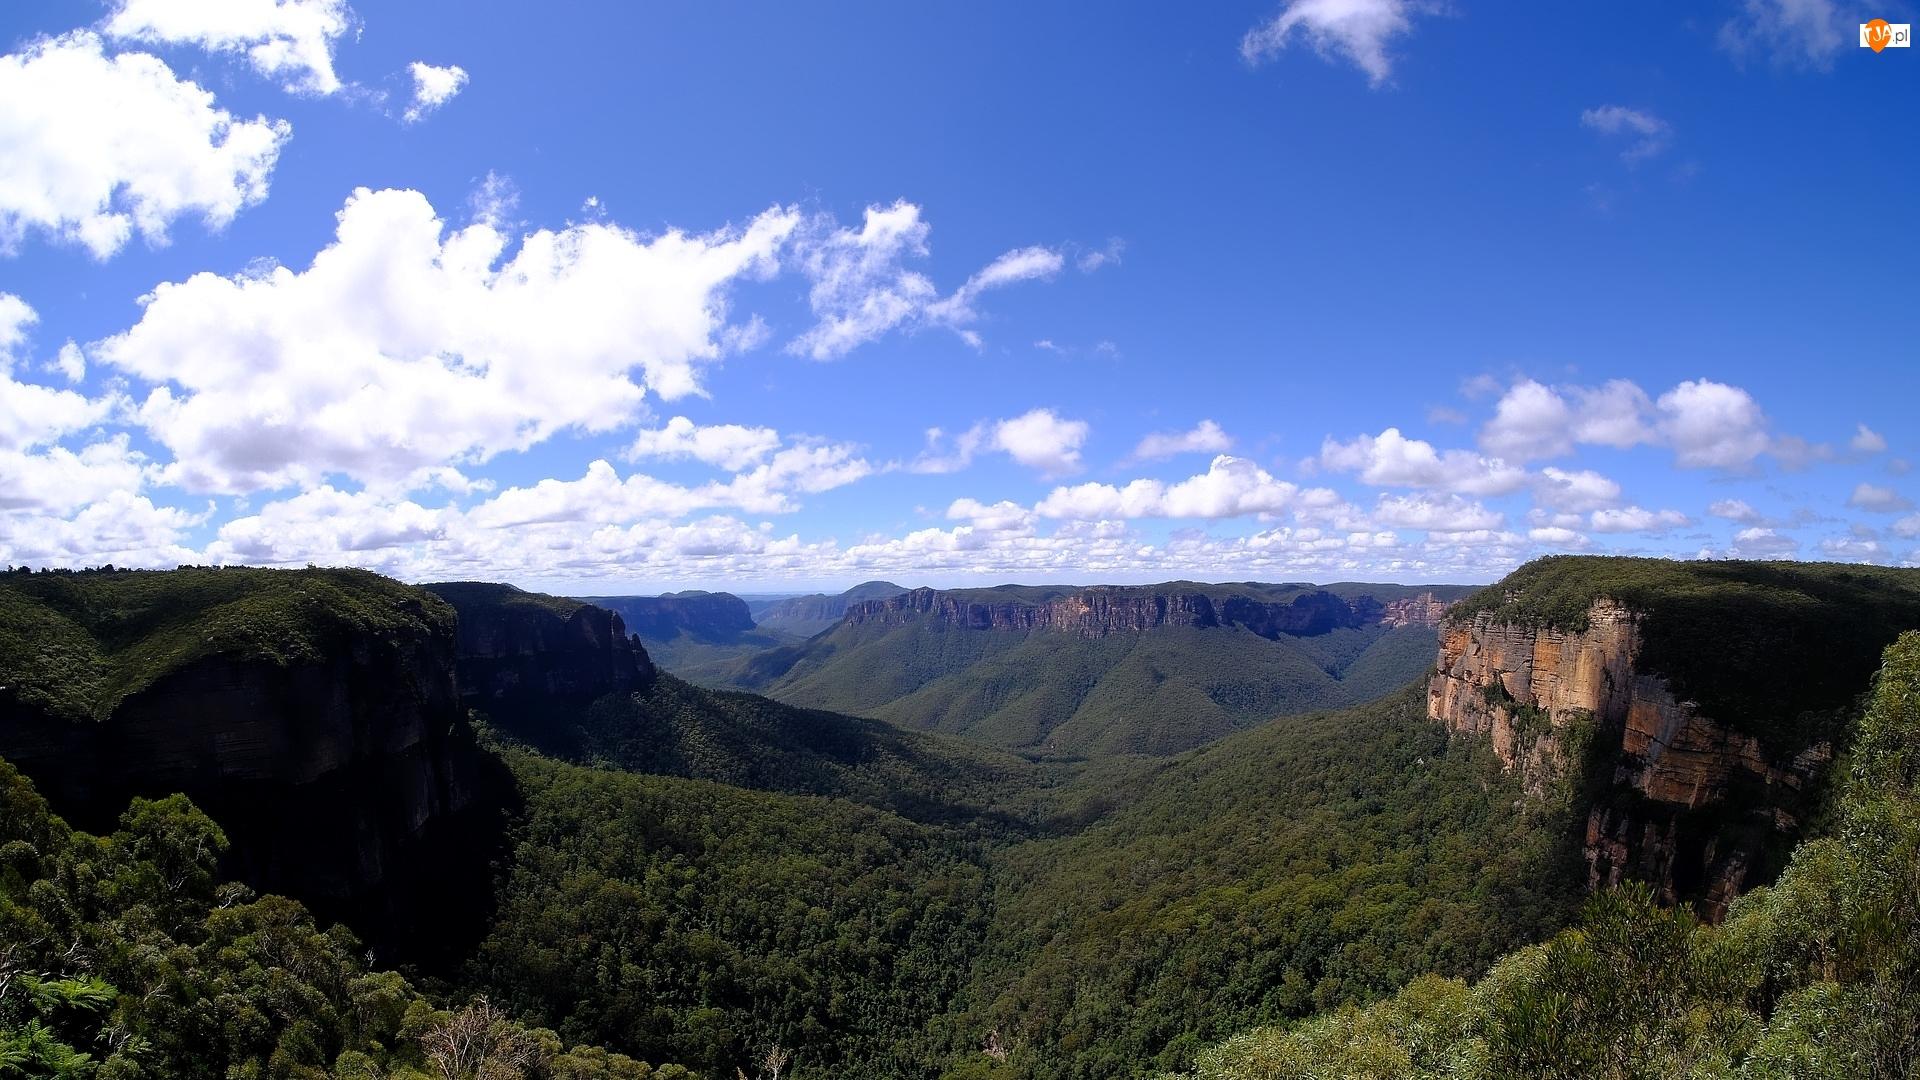 Roślinność, Niebo, Australia, Góry Błękitne, Nowa Południowa Walia, Park Narodowy Gór Błękitnych, Chmury